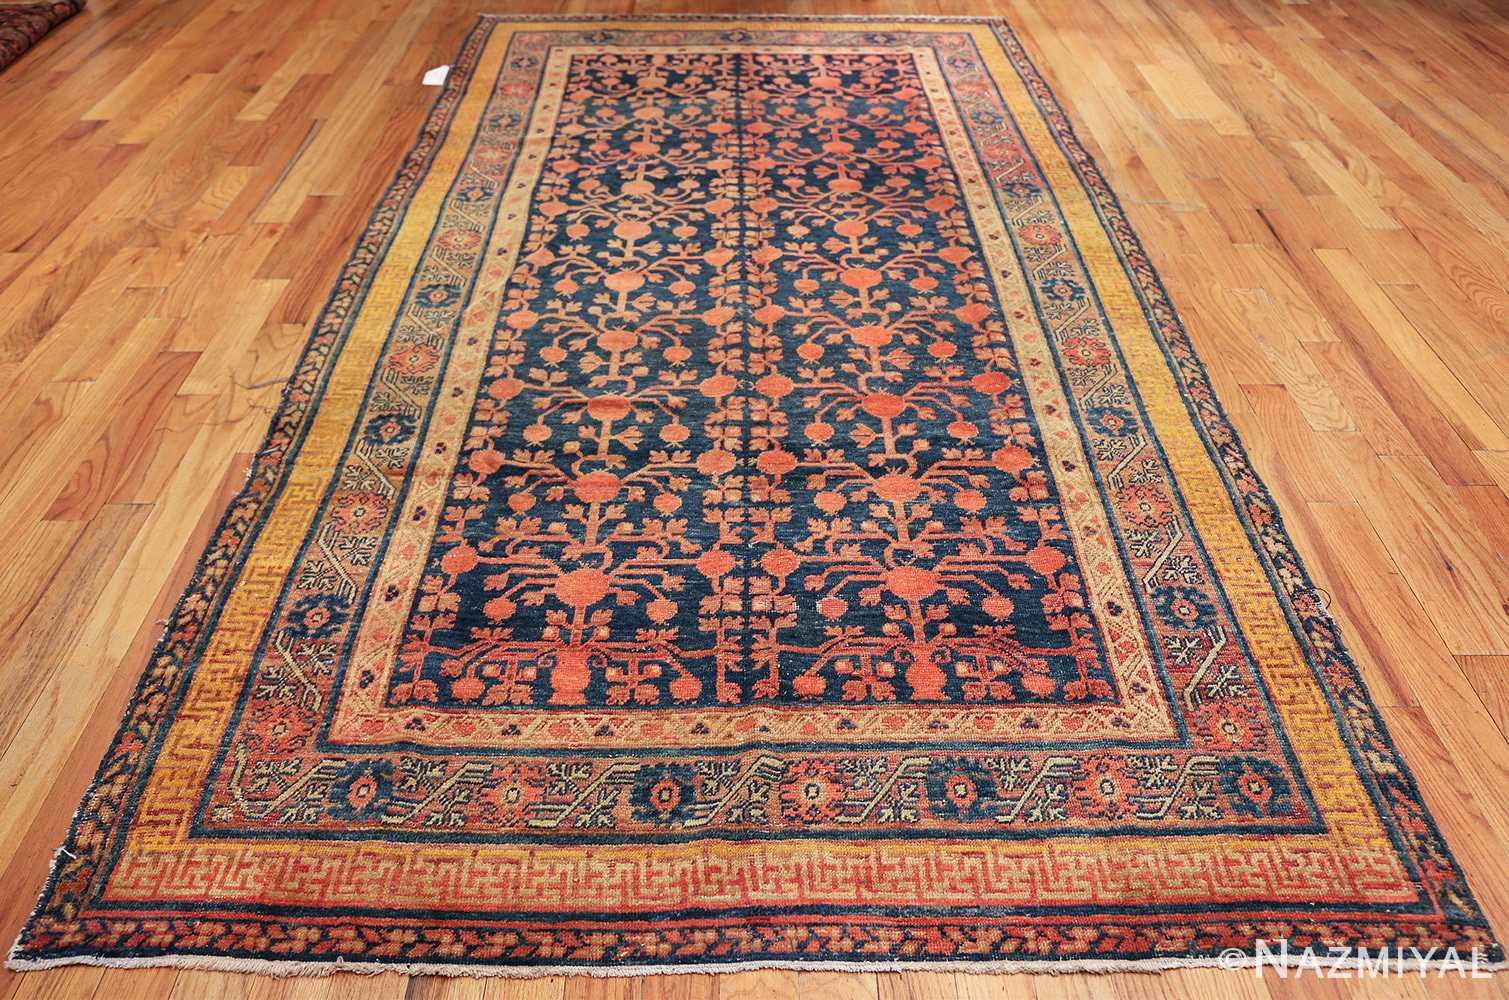 antique navy background pomegranate design khotan rug 49483 whole Nazmiyal